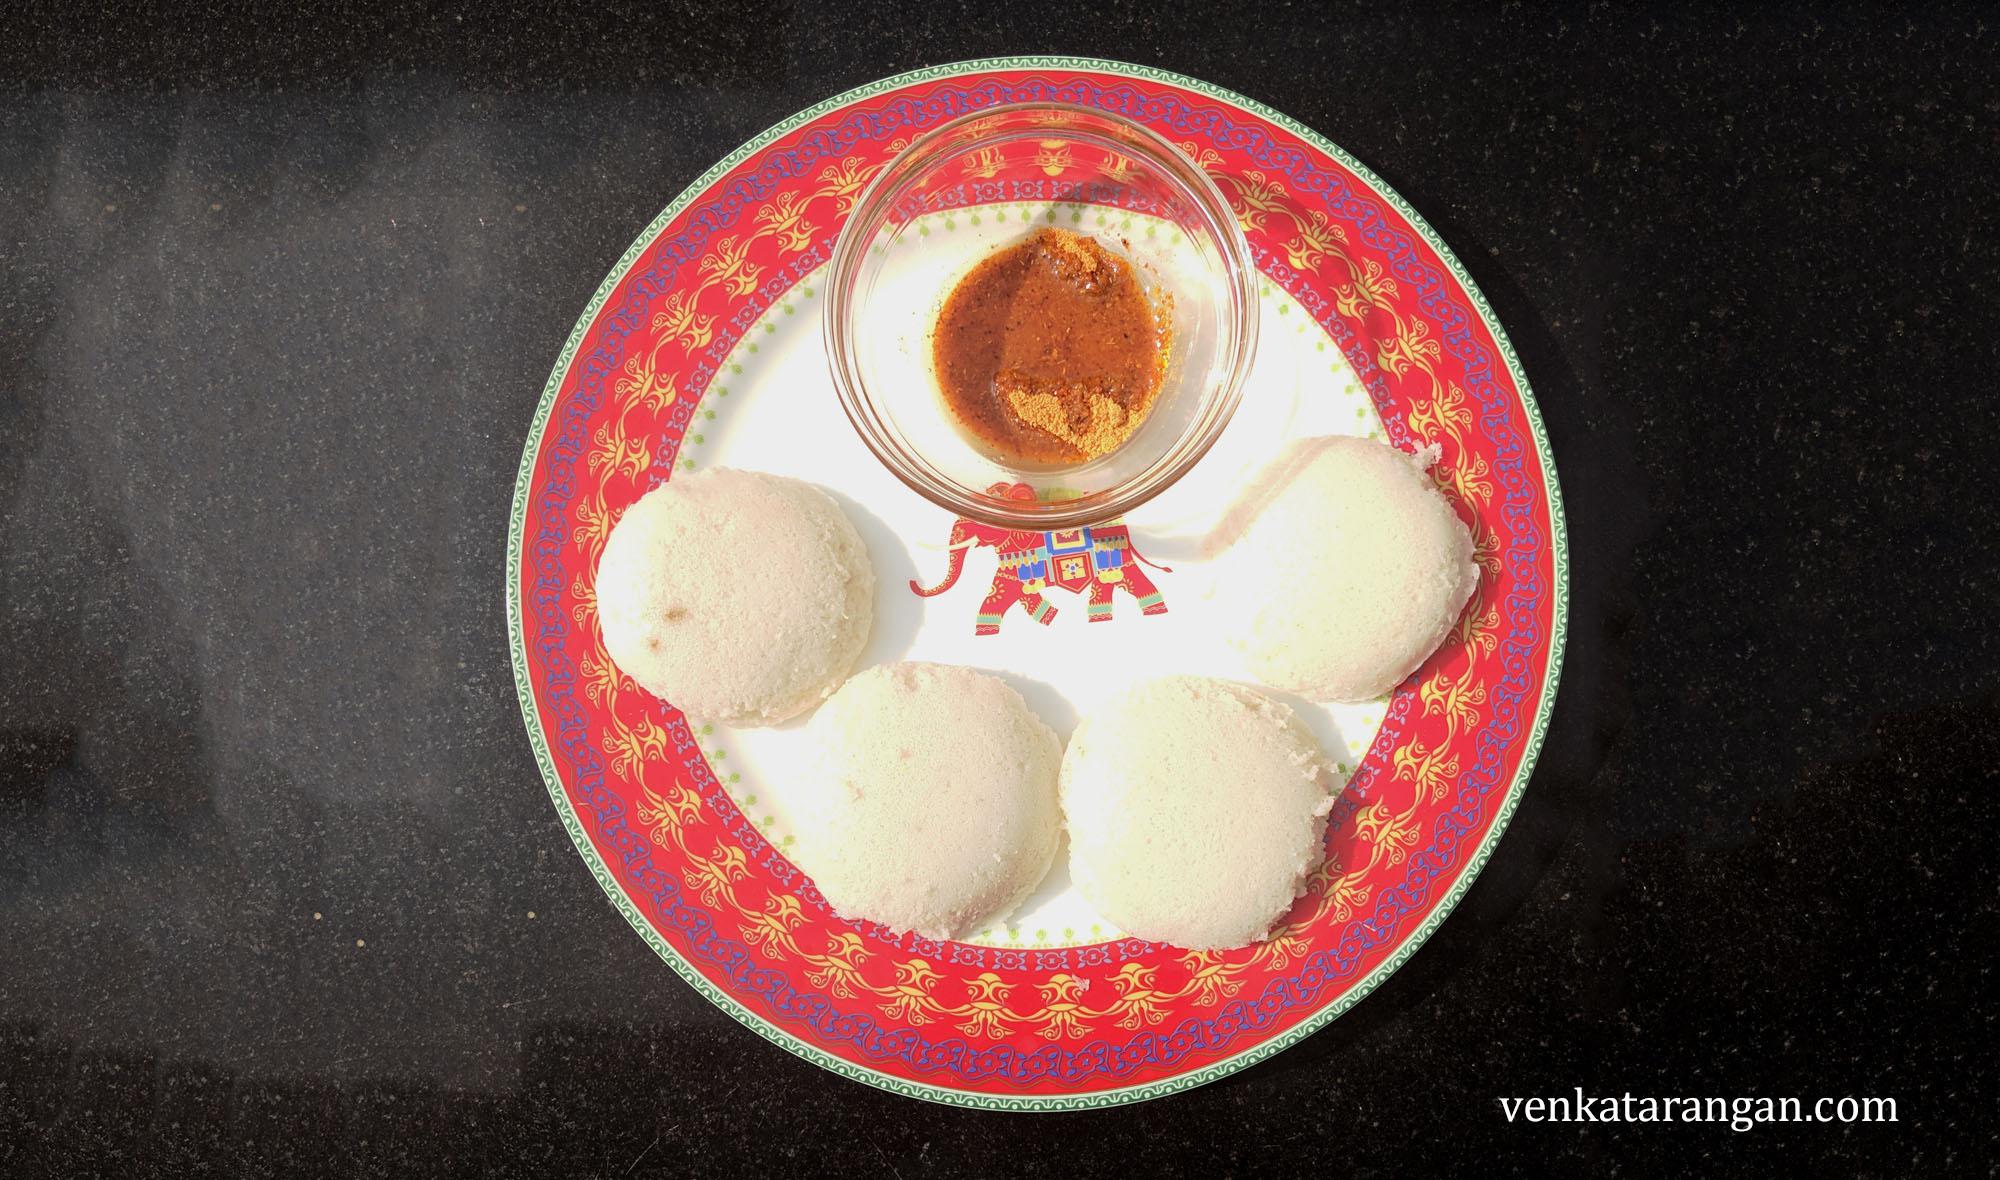 Idly, an eminent breakfast - இட்லி, ஒரு உன்னதமான காலை உணவு.